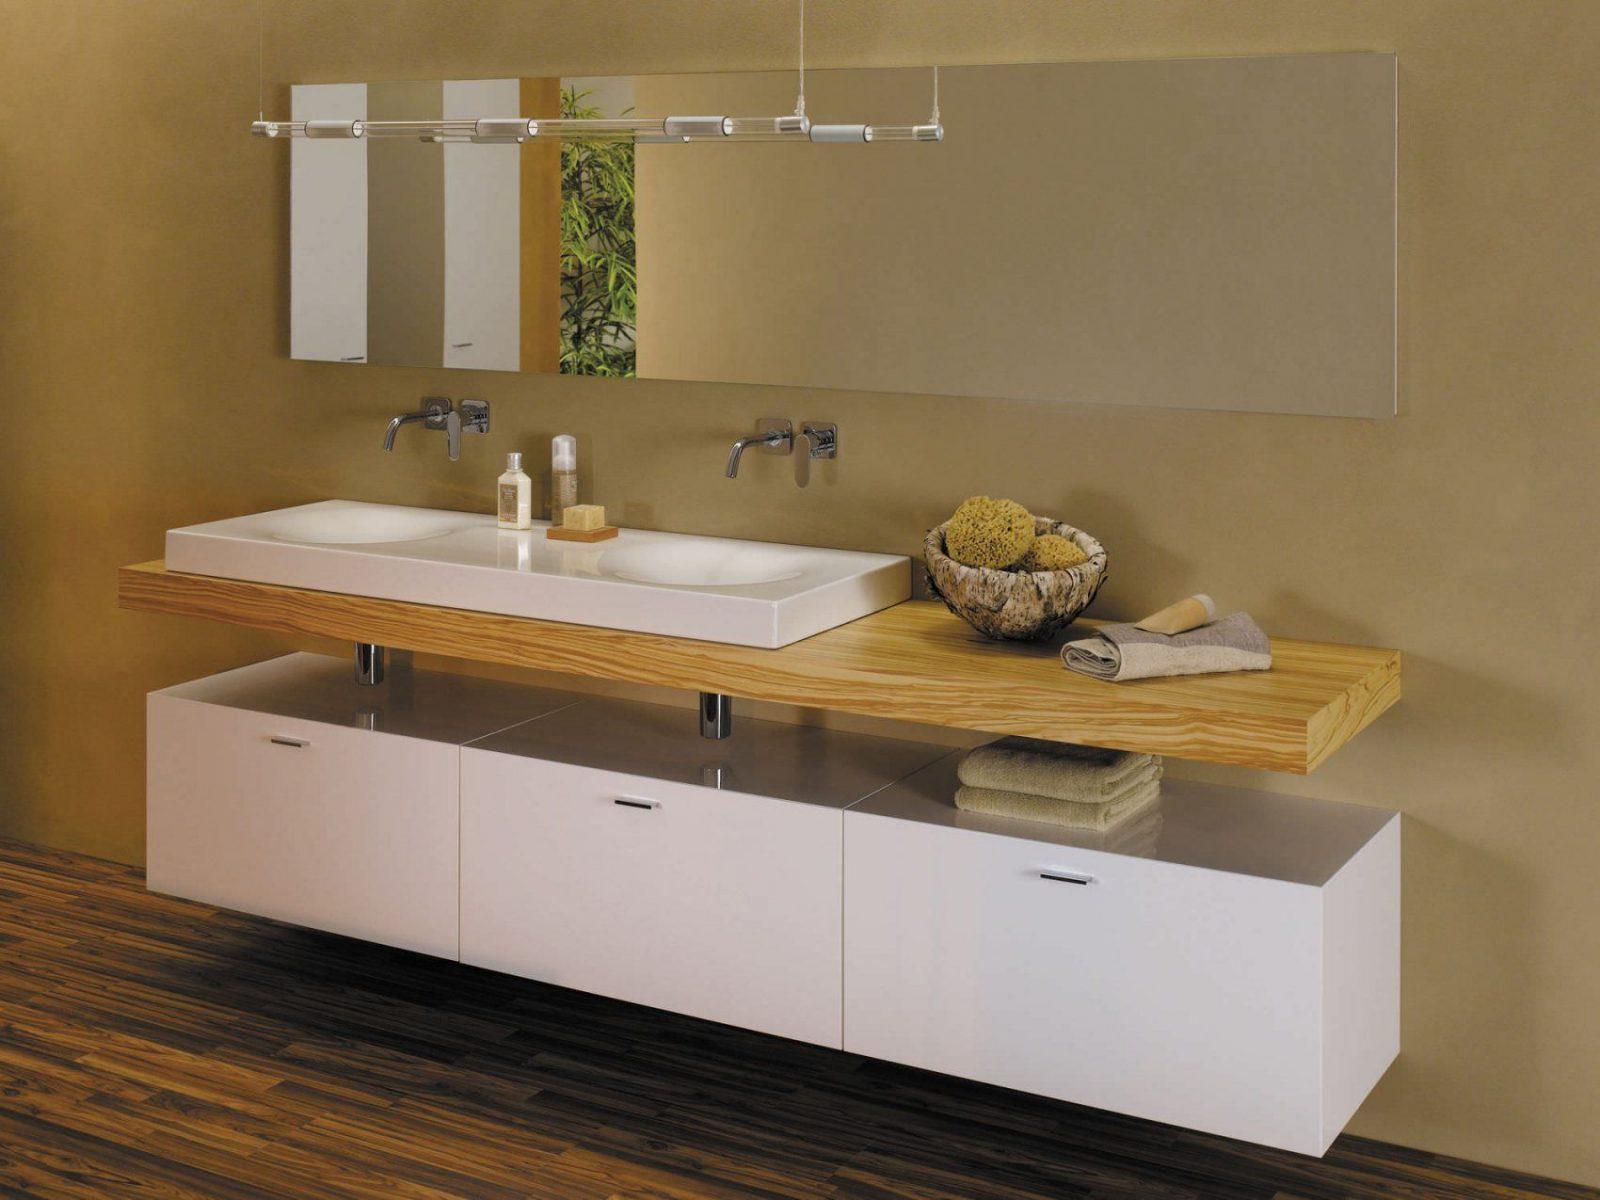 Doppeltes Waschbecken Aufsatz Rechteckig Keramik Bettebowl von Doppeltes Waschbecken Mit Unterschrank Photo